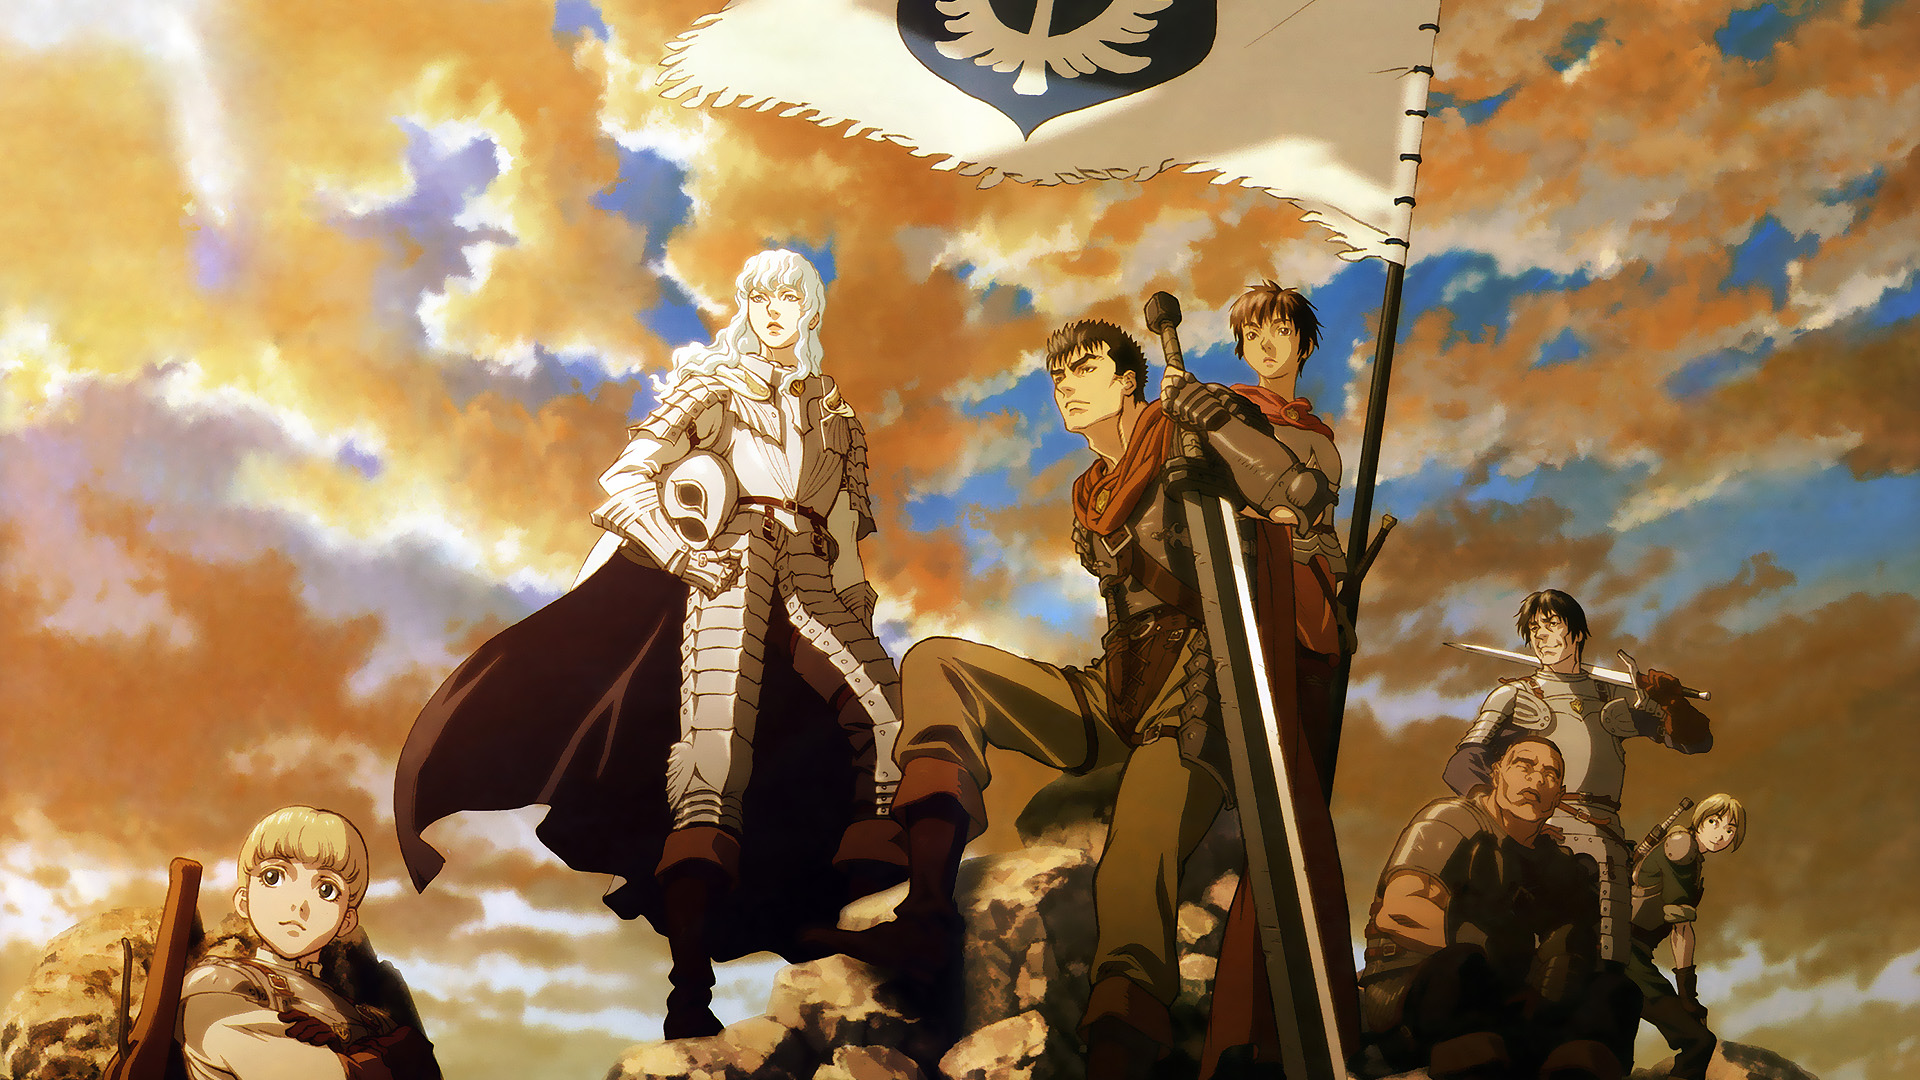 6360420567936780322057790731 berserk golden age arc i egg of the supreme ruler 51e90244be152 - Dram Anime Önerileri 2 !! - Figurex Anime Önerileri